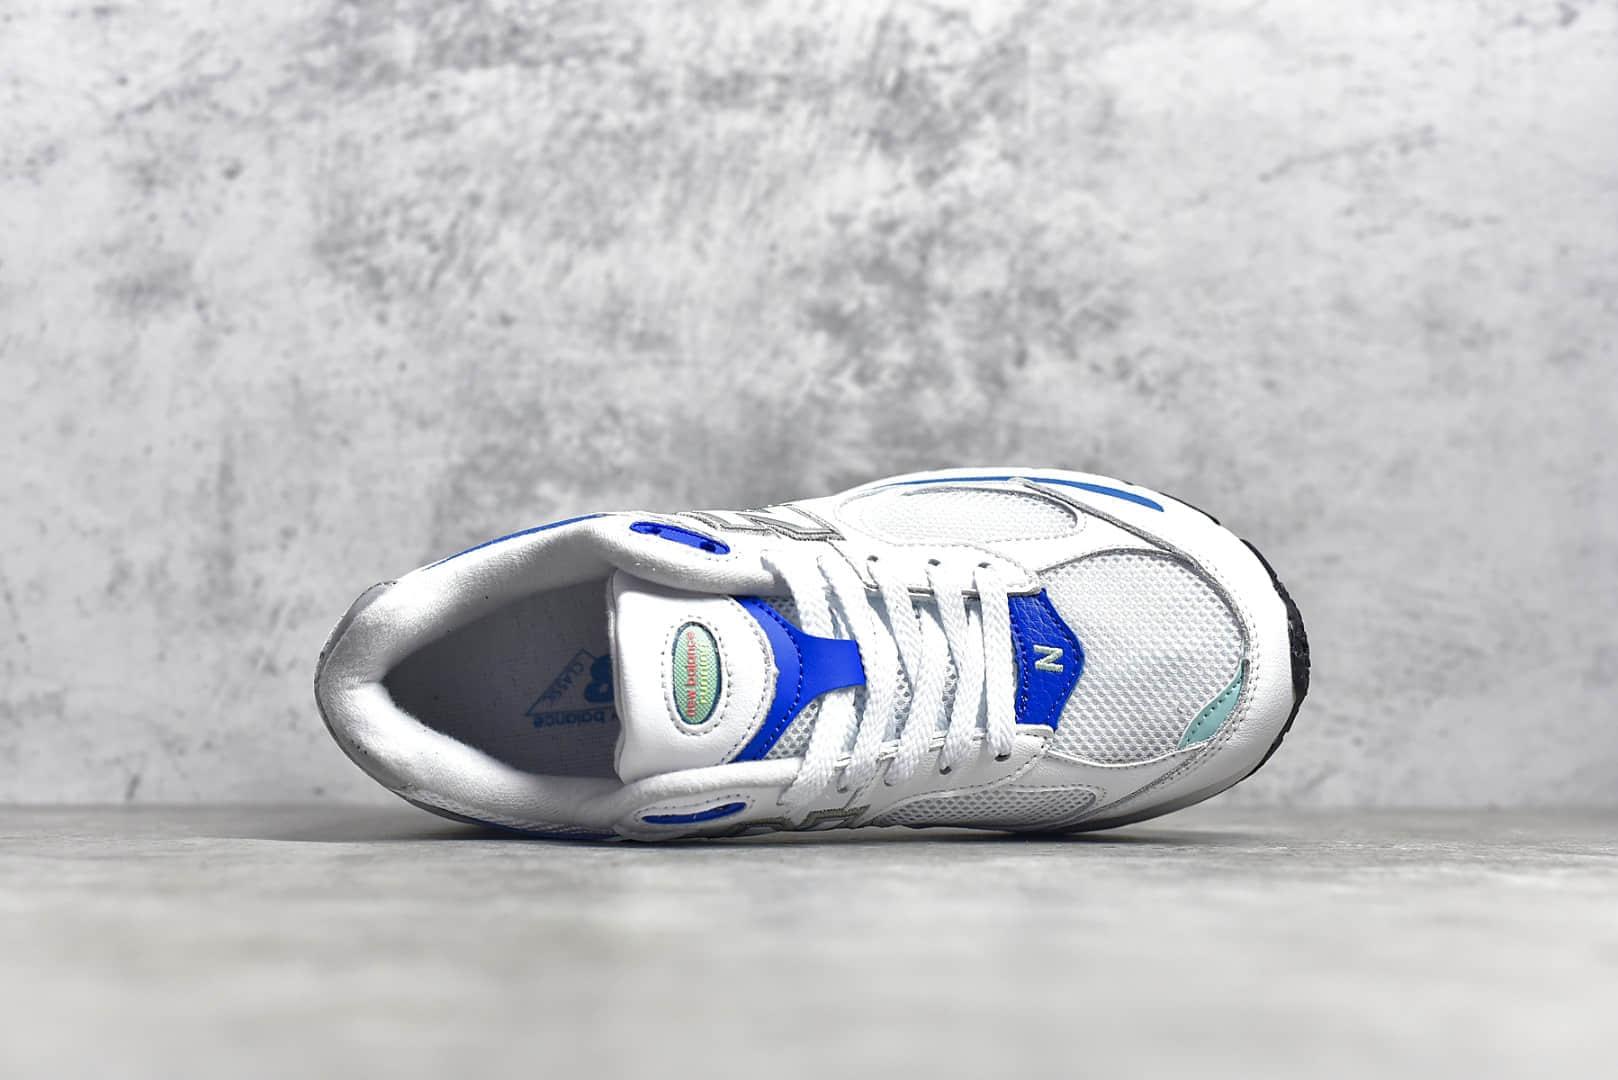 新百伦2002白蓝色慢跑鞋缓震性能 New Balance WL2002 NB复古休闲跑步鞋 货号:ML2002RW-潮流者之家